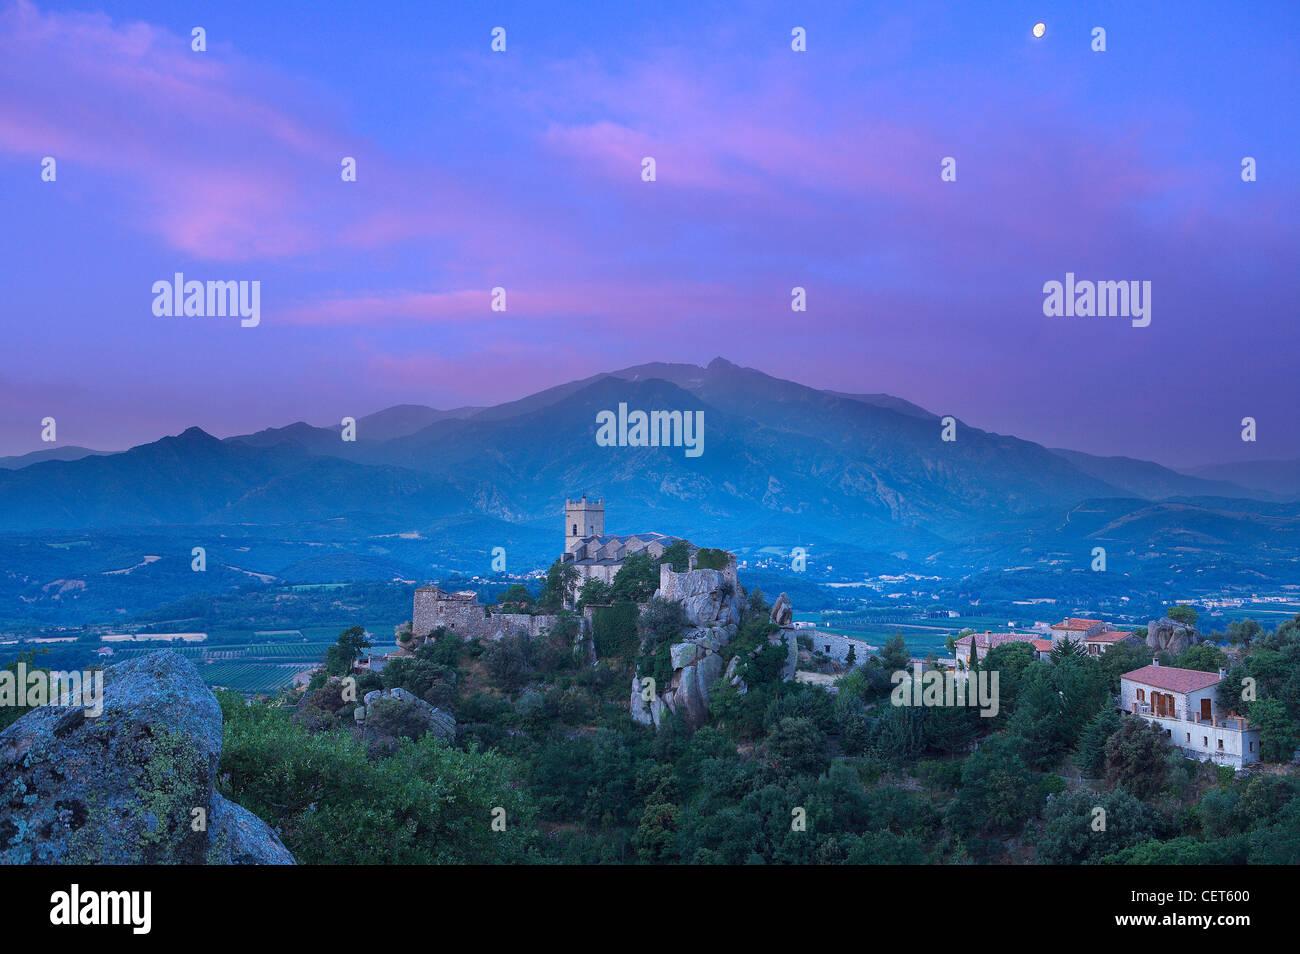 Das Dorf Eus thront auf einem Hügel mit dem Pic de Canigou jenseits, Pyrenäen, Languedoc-Roussillon, Frankreich. Stockbild